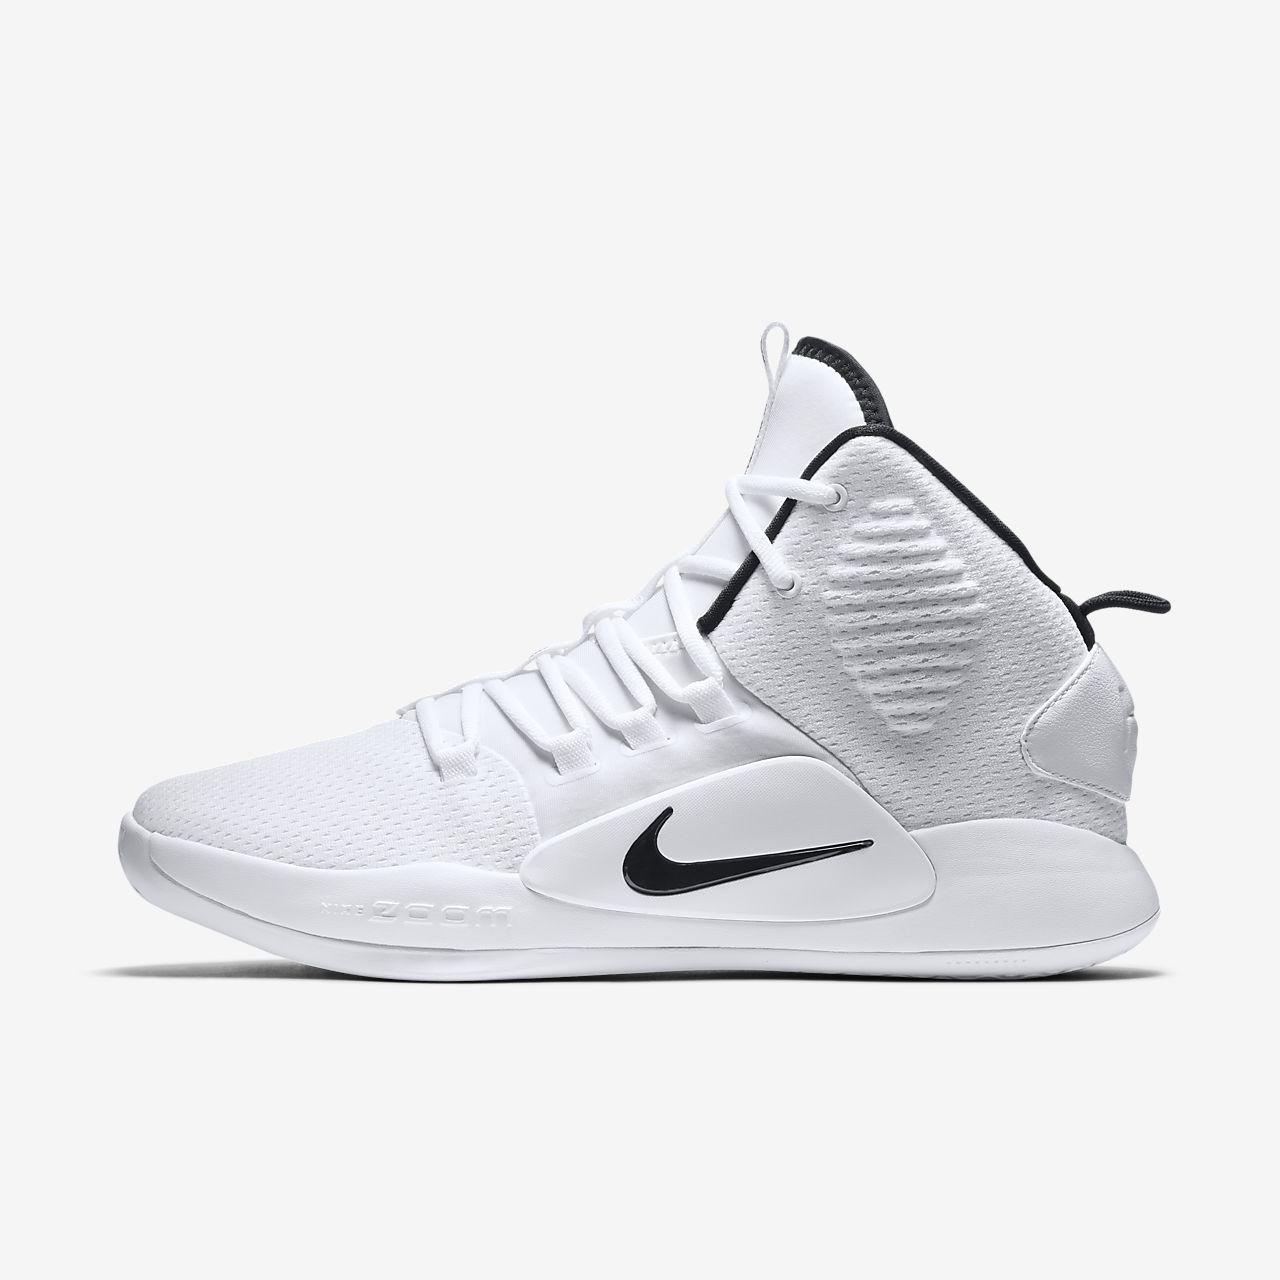 รองเท้าบาสเก็ตบอล Nike Hyperdunk X TB